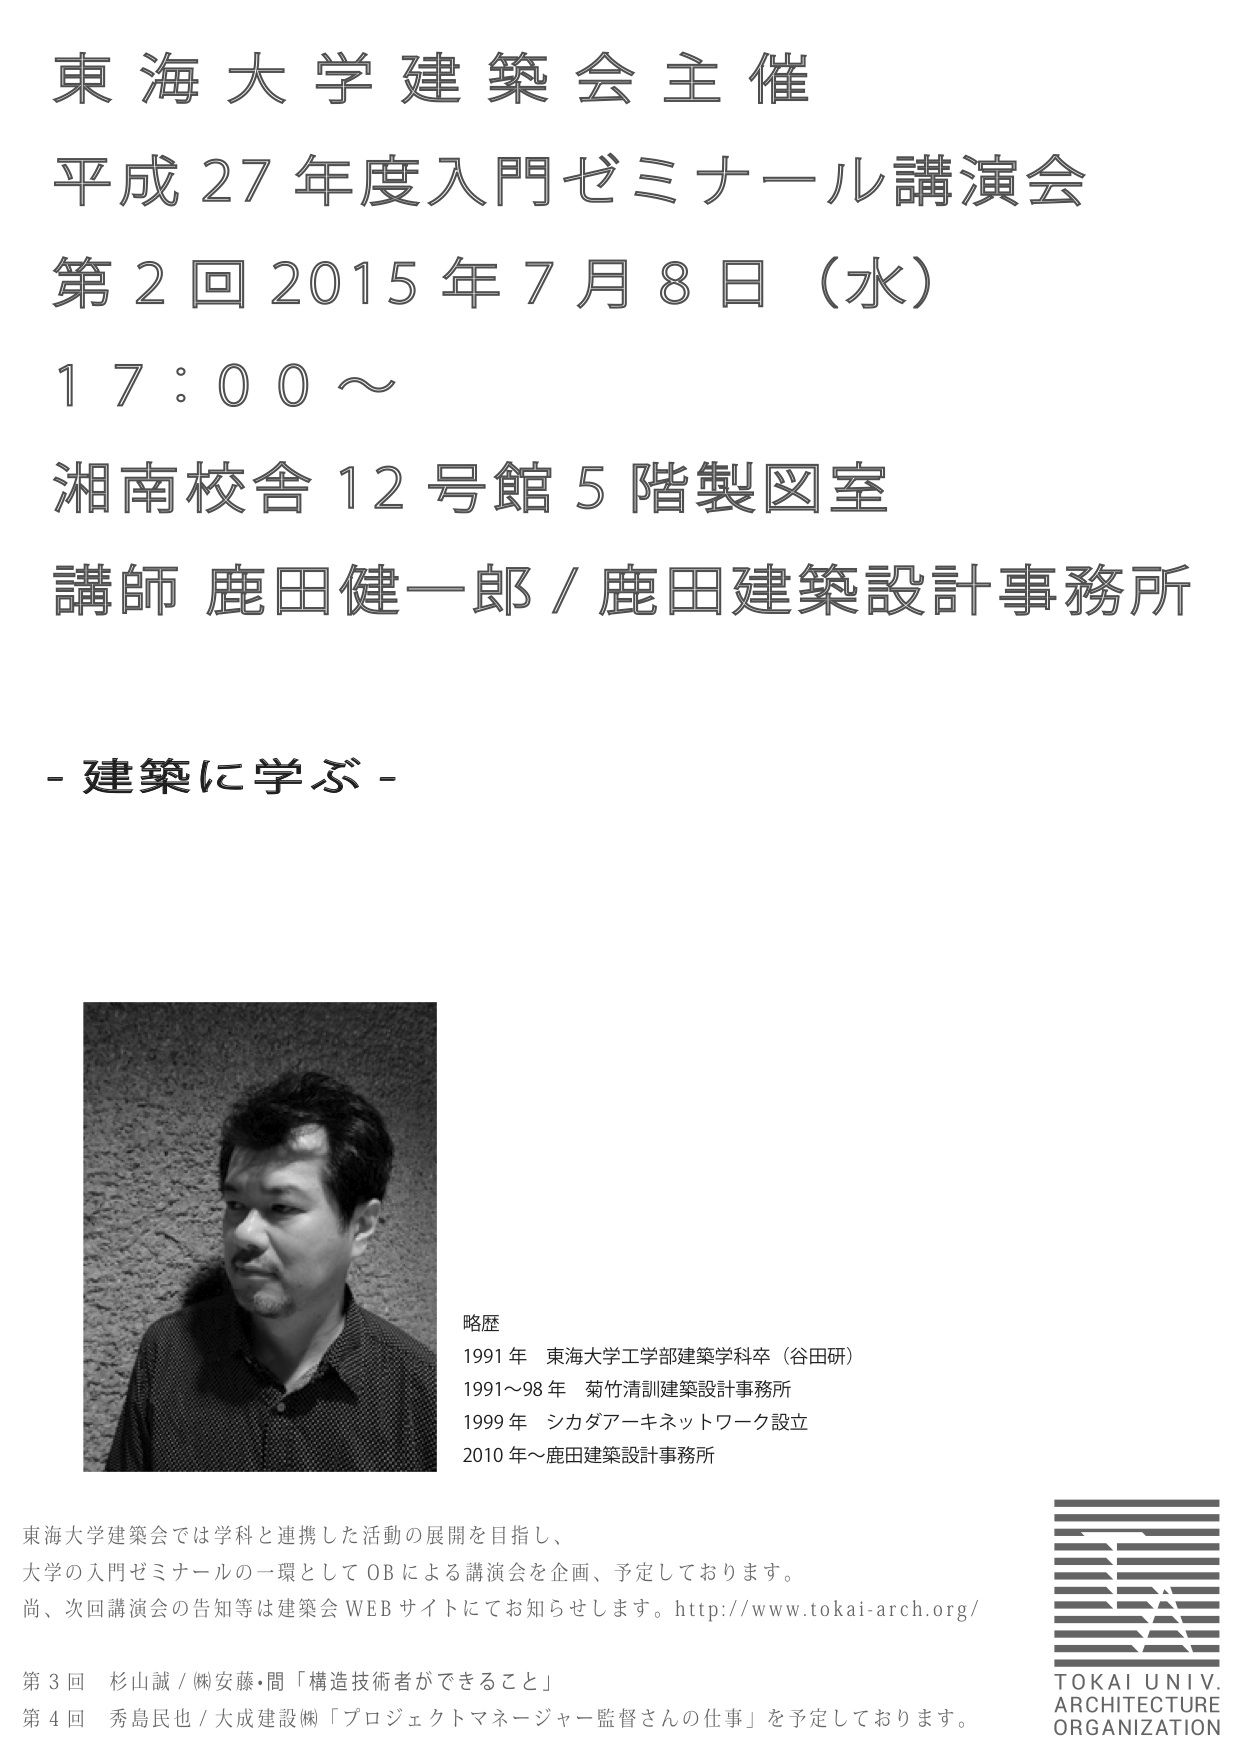 鹿田健一郎「建築に学ぶ」